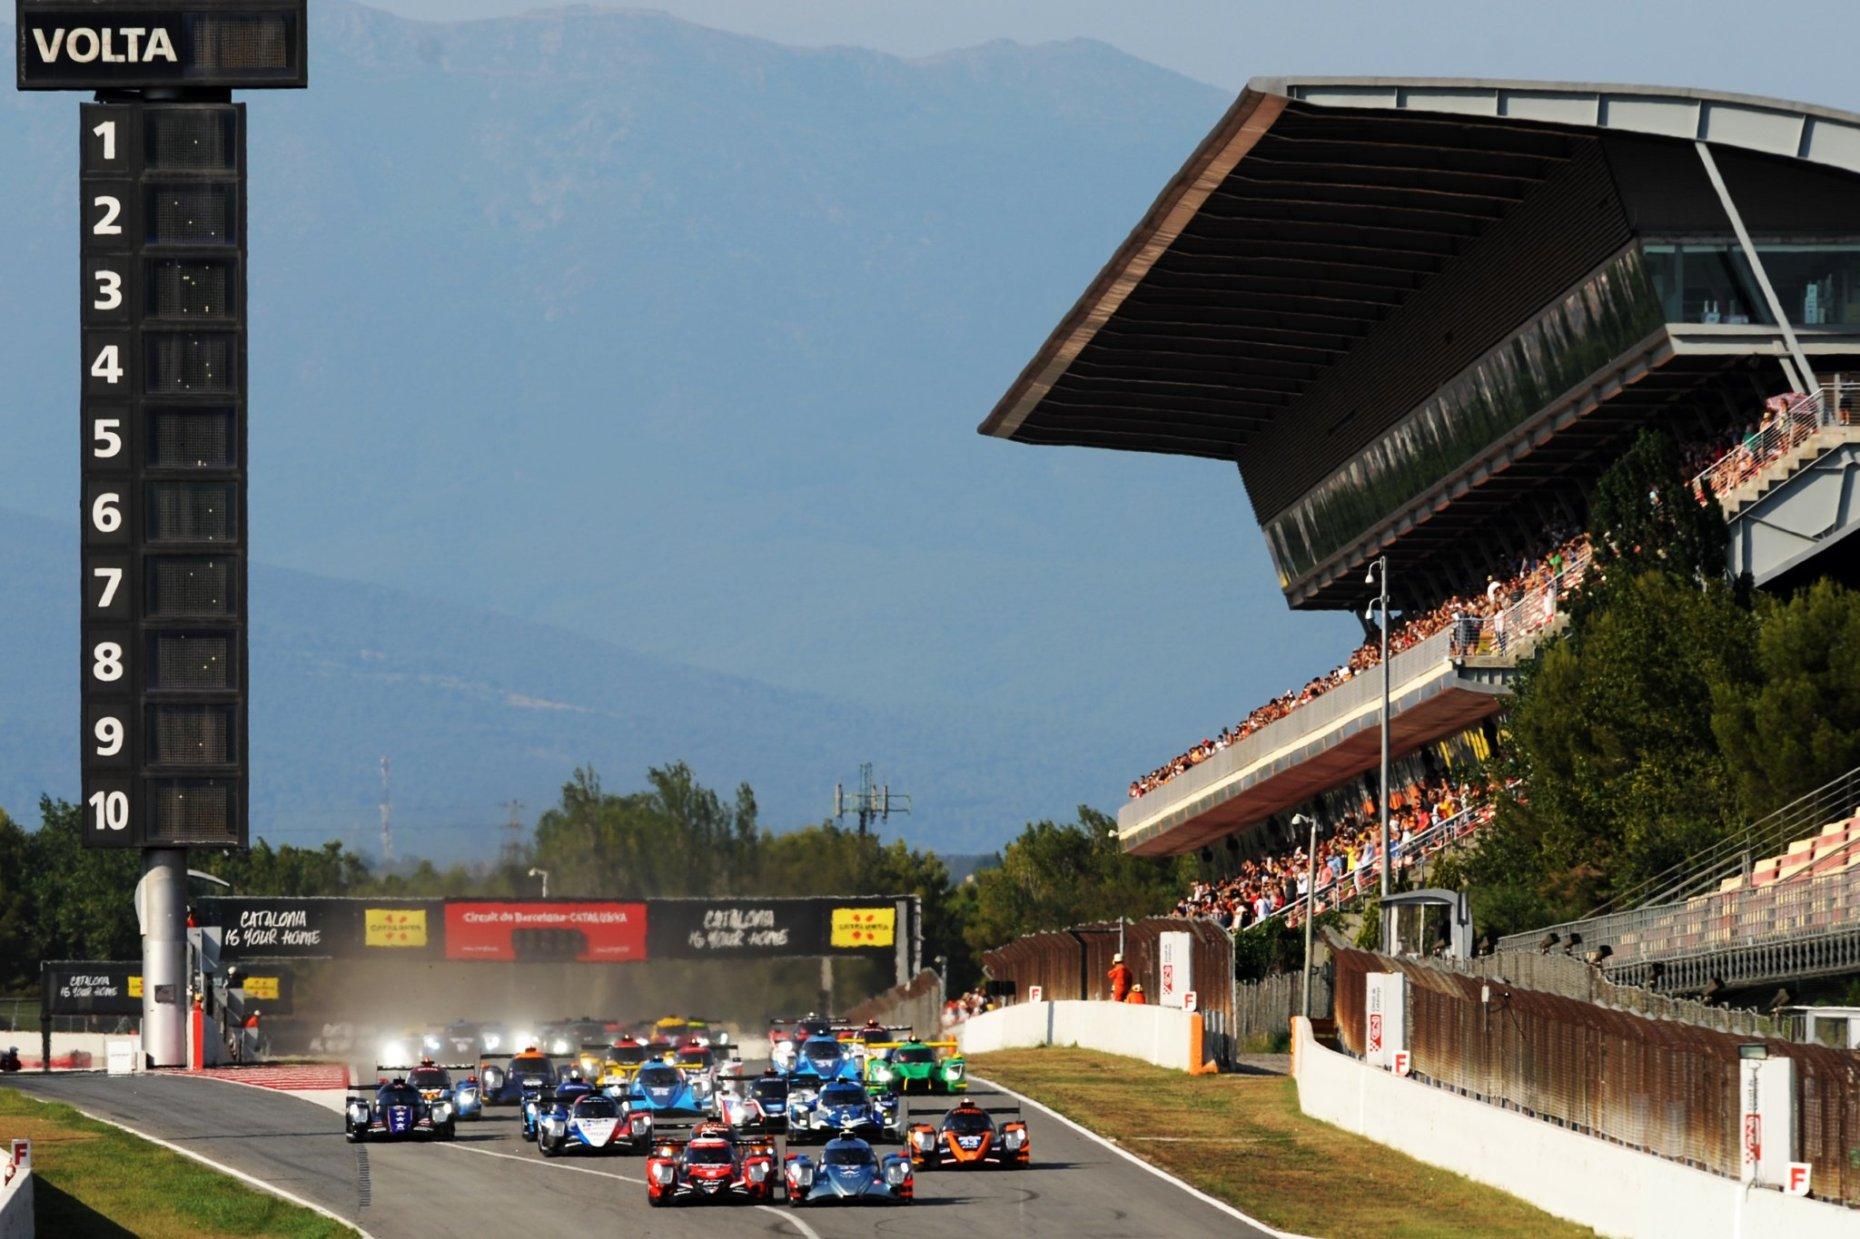 Die Nennliste für Runde 1 der European Le Mans Series 2021, die 4 Stunden von Barcelona, umfasst 42 Fahrzeuge - 16 LMP2, 16 LMP3, 9 LMGTE und 1 Innovative Car